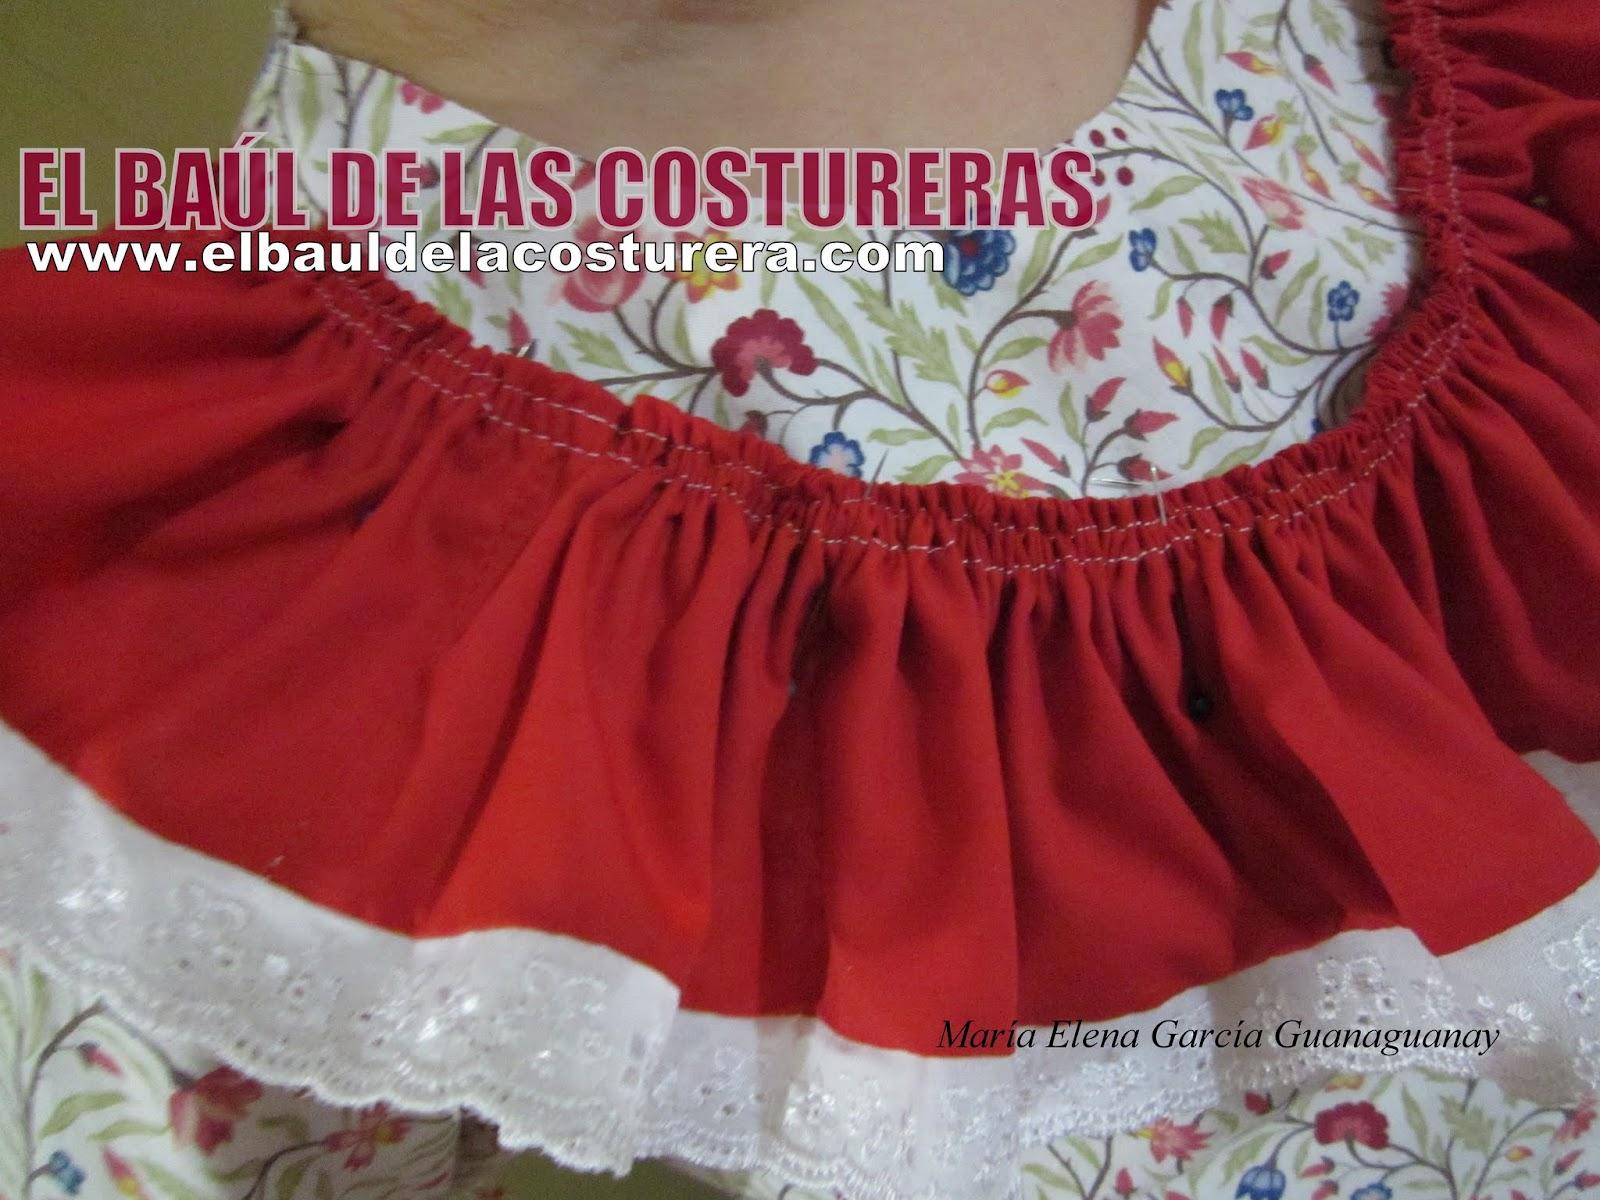 Madriguera del Lobo Solitario: Volados o faralado vestido típico